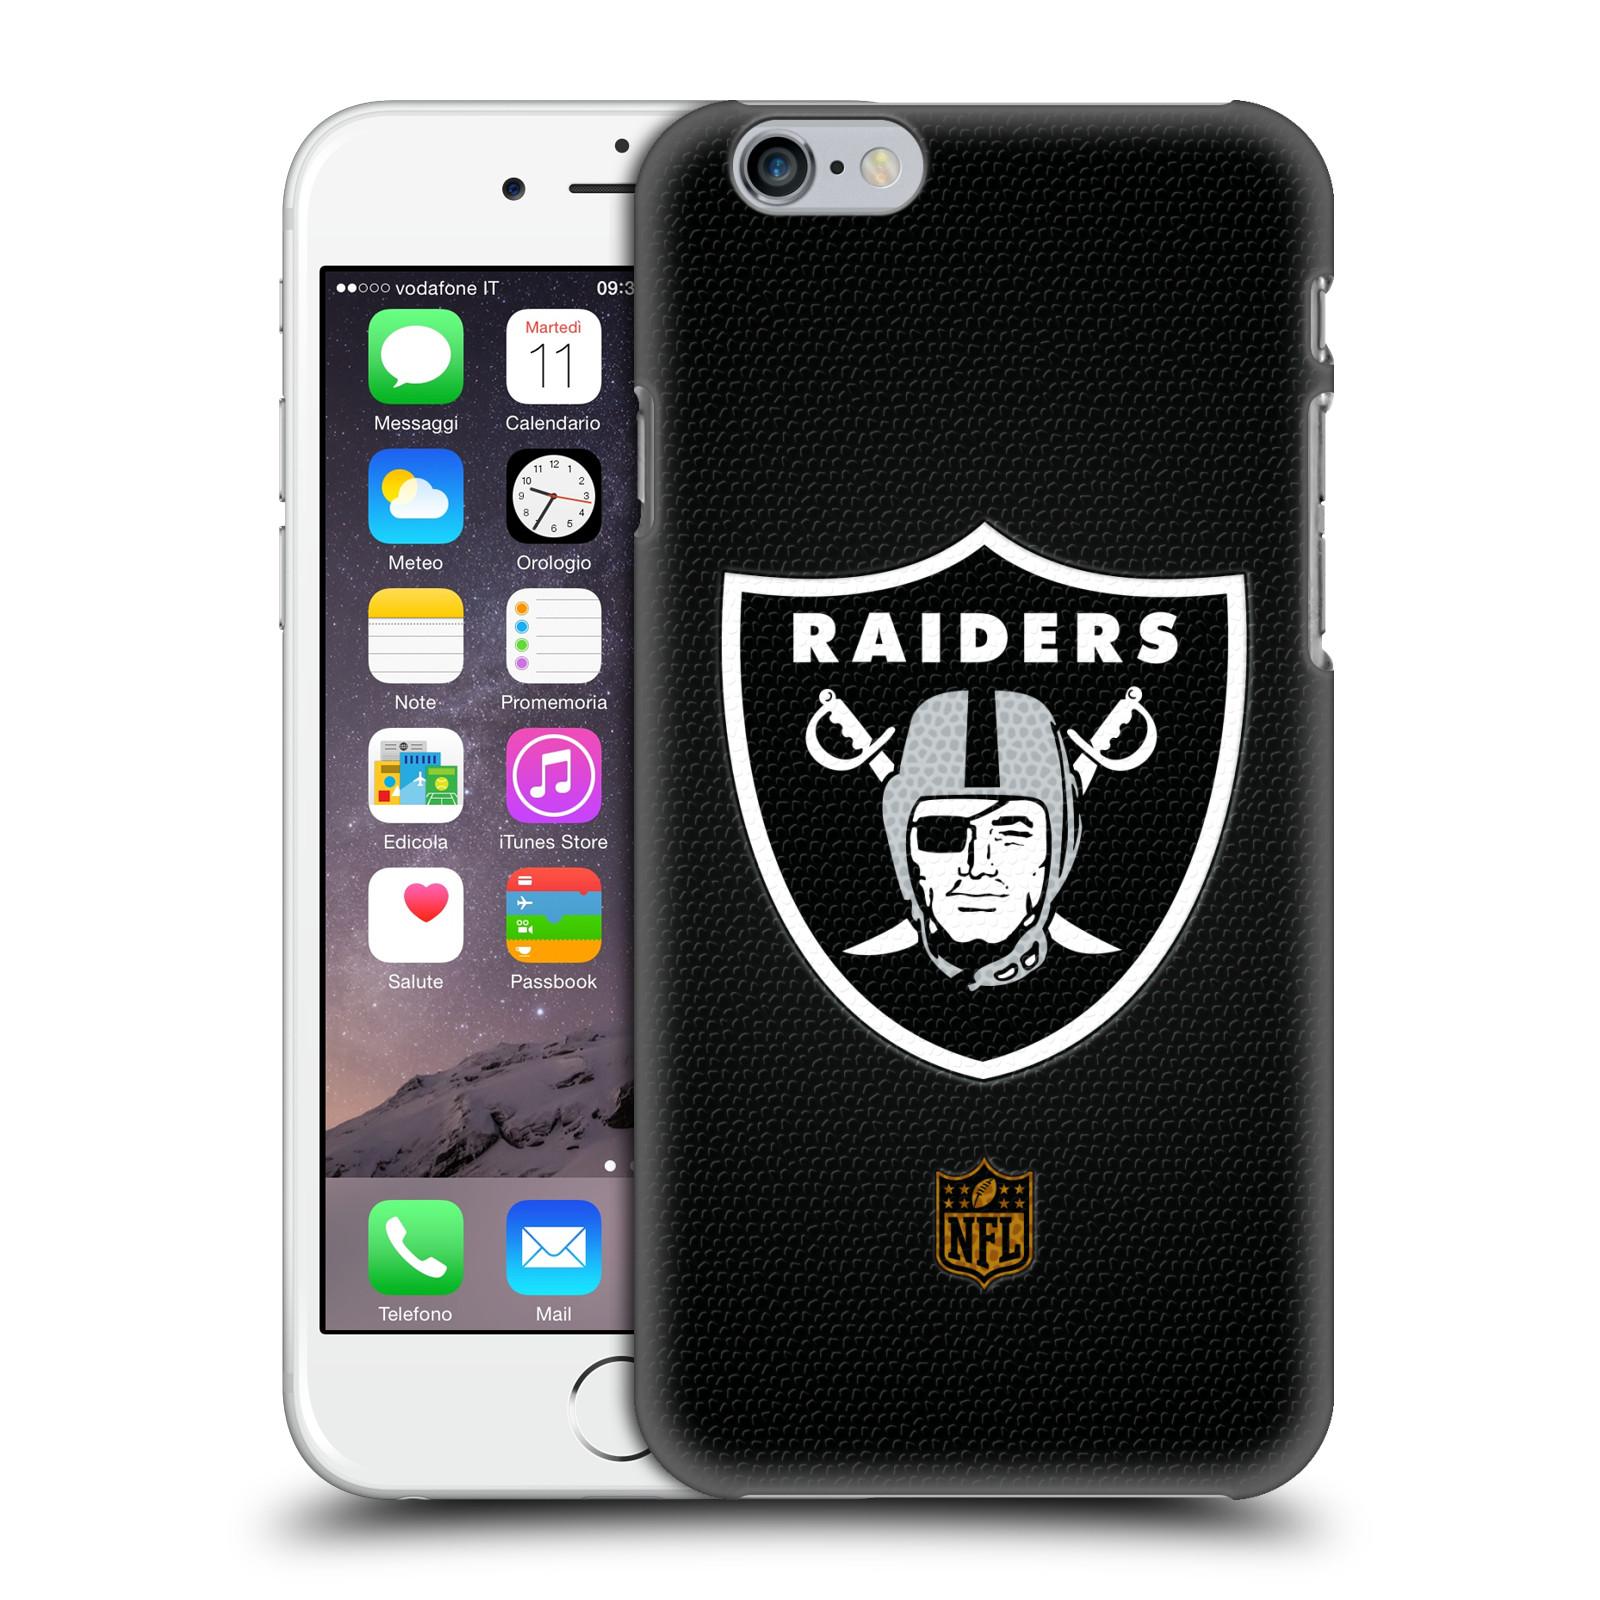 Iphone  Plus Case Raiders